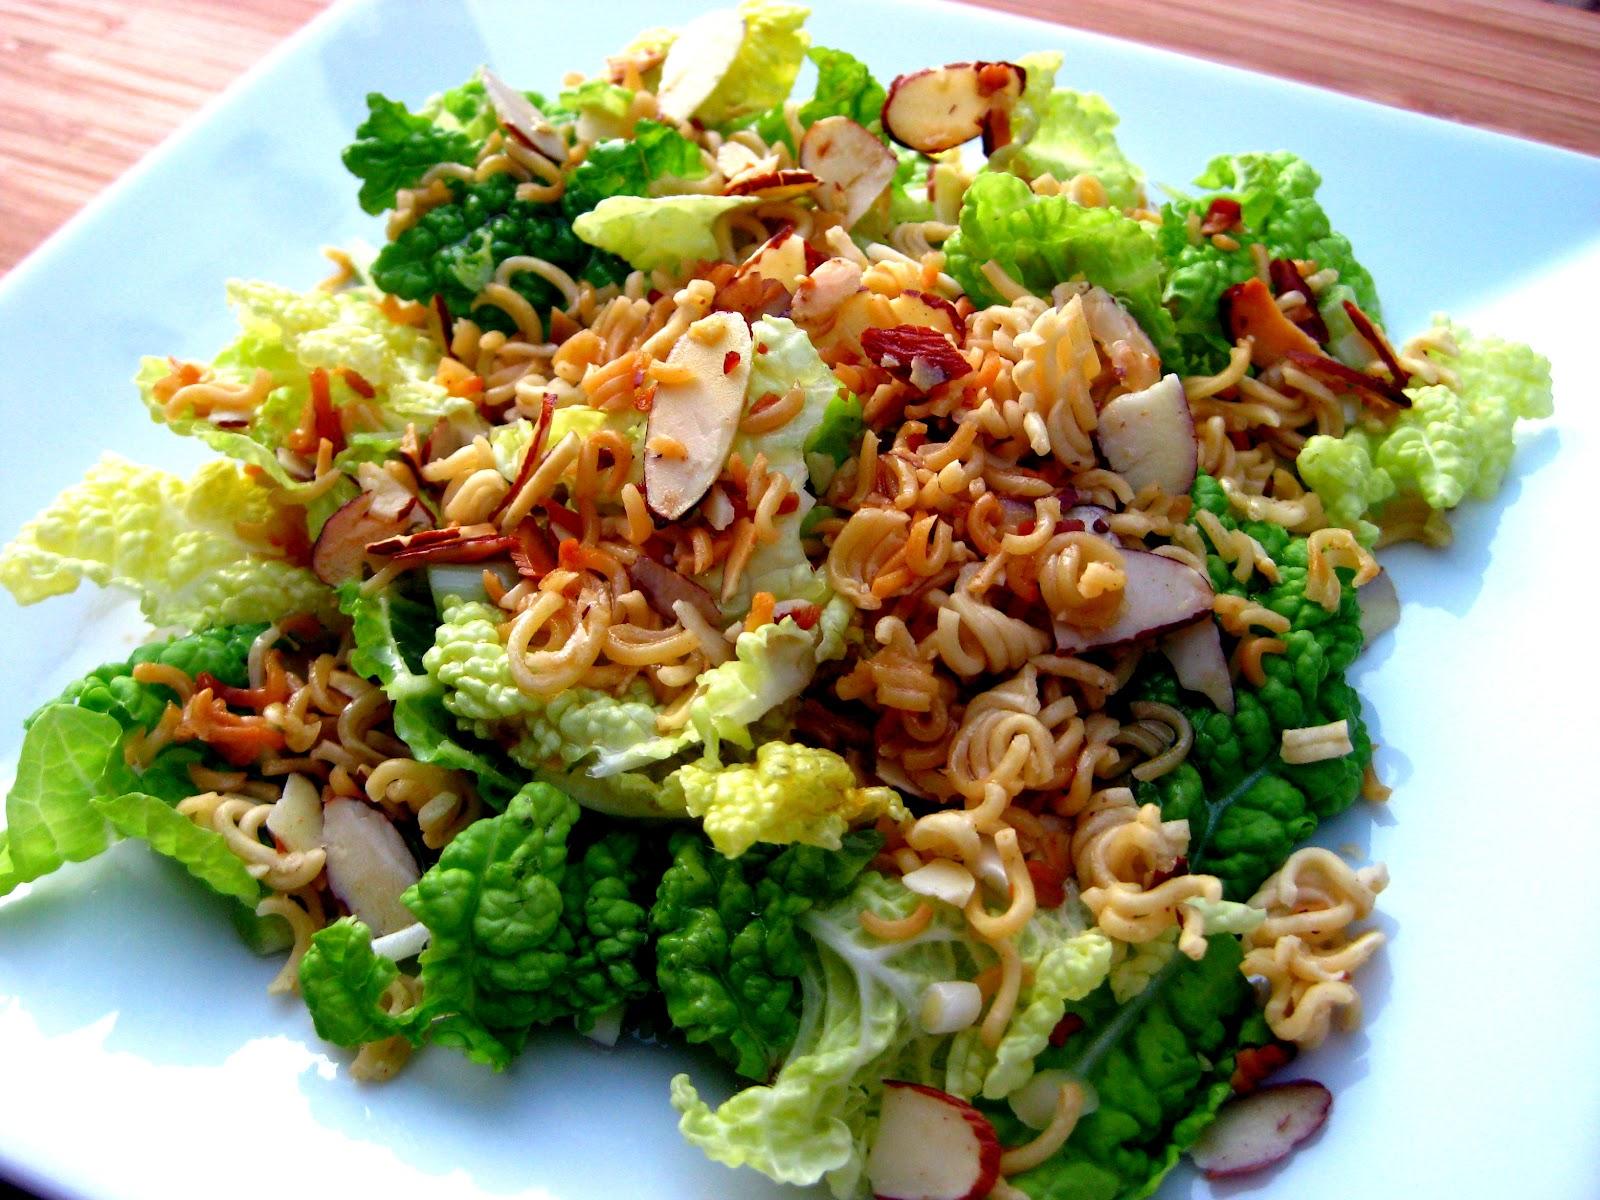 Asian napa cabbage salad